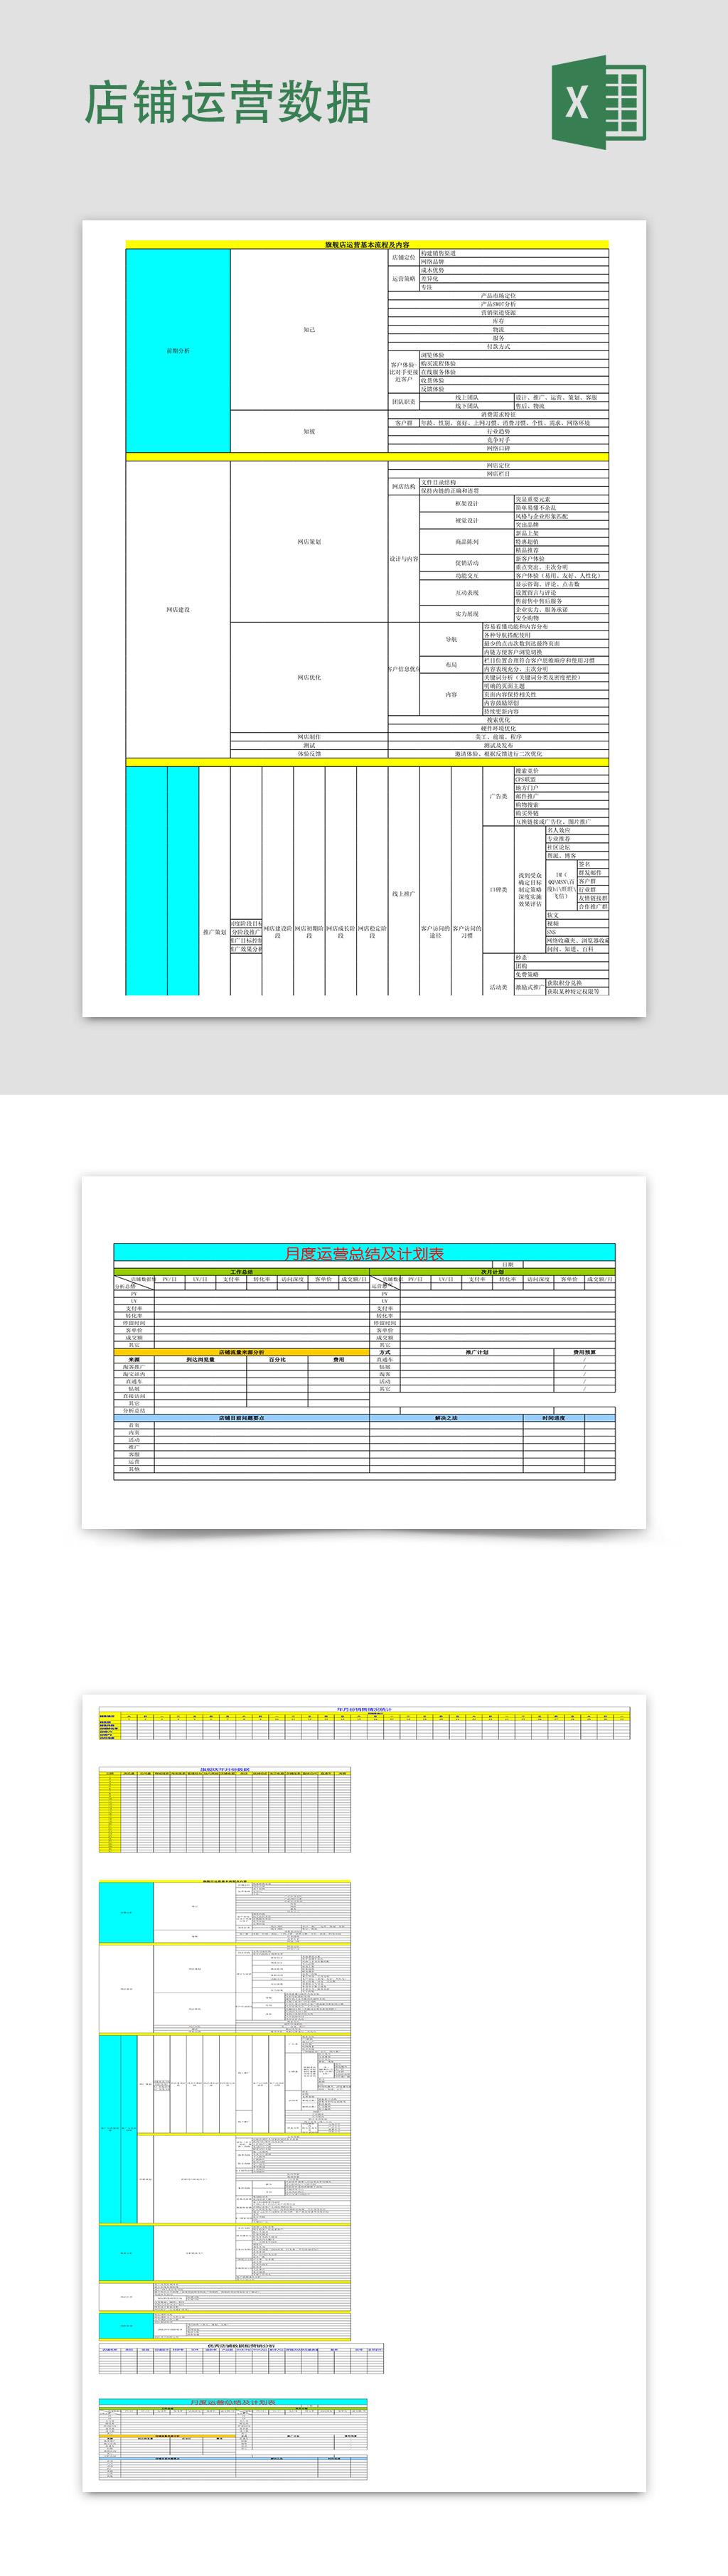 网店销售季度月度统计分析表Excel模板